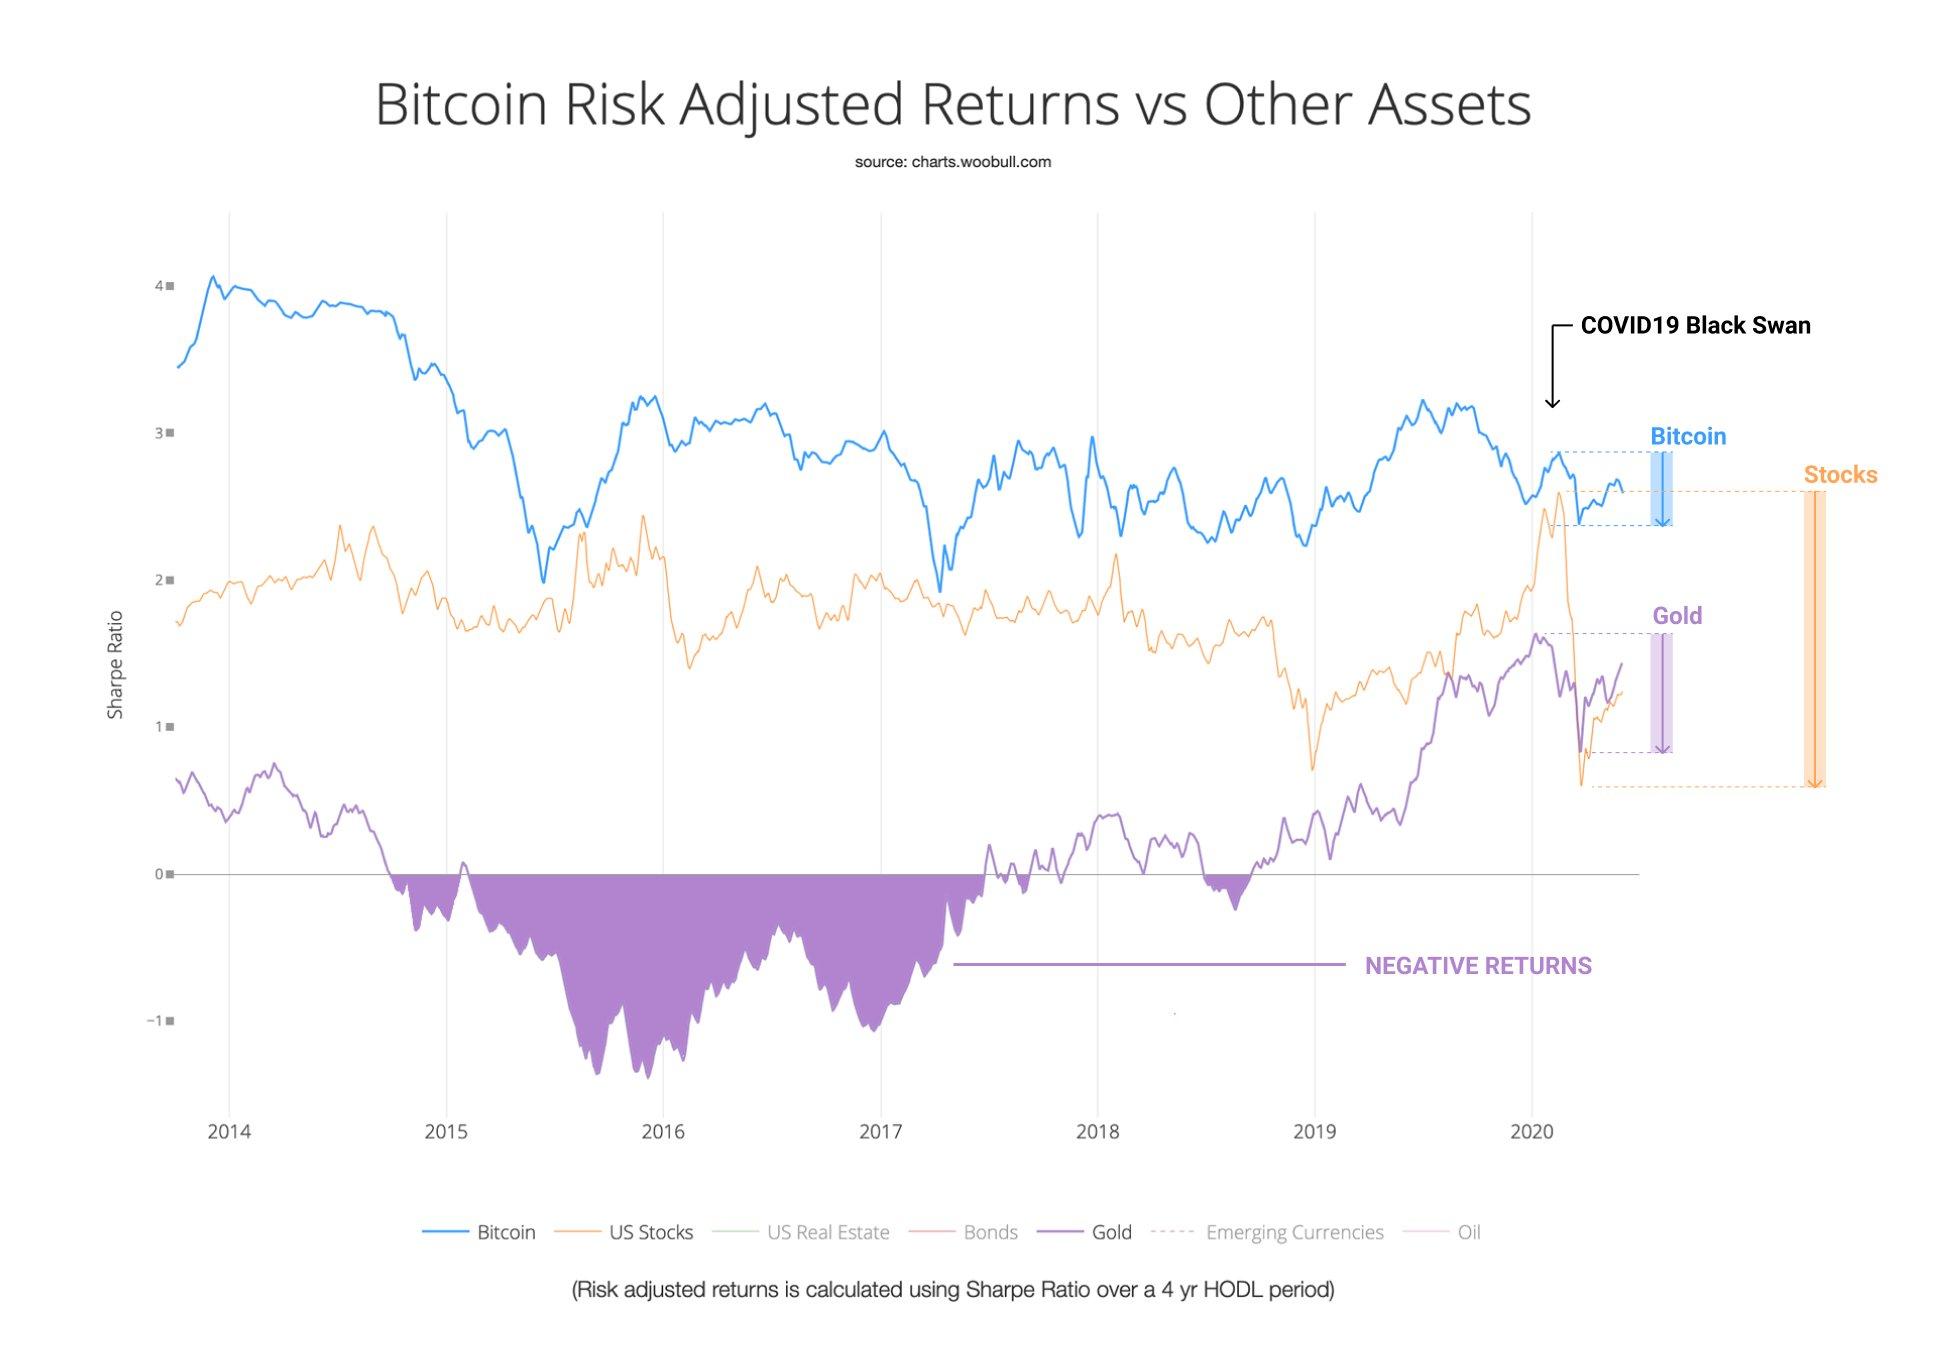 Bloomberg назвал предположительный максимум стоимости bitcoin в 2020 году